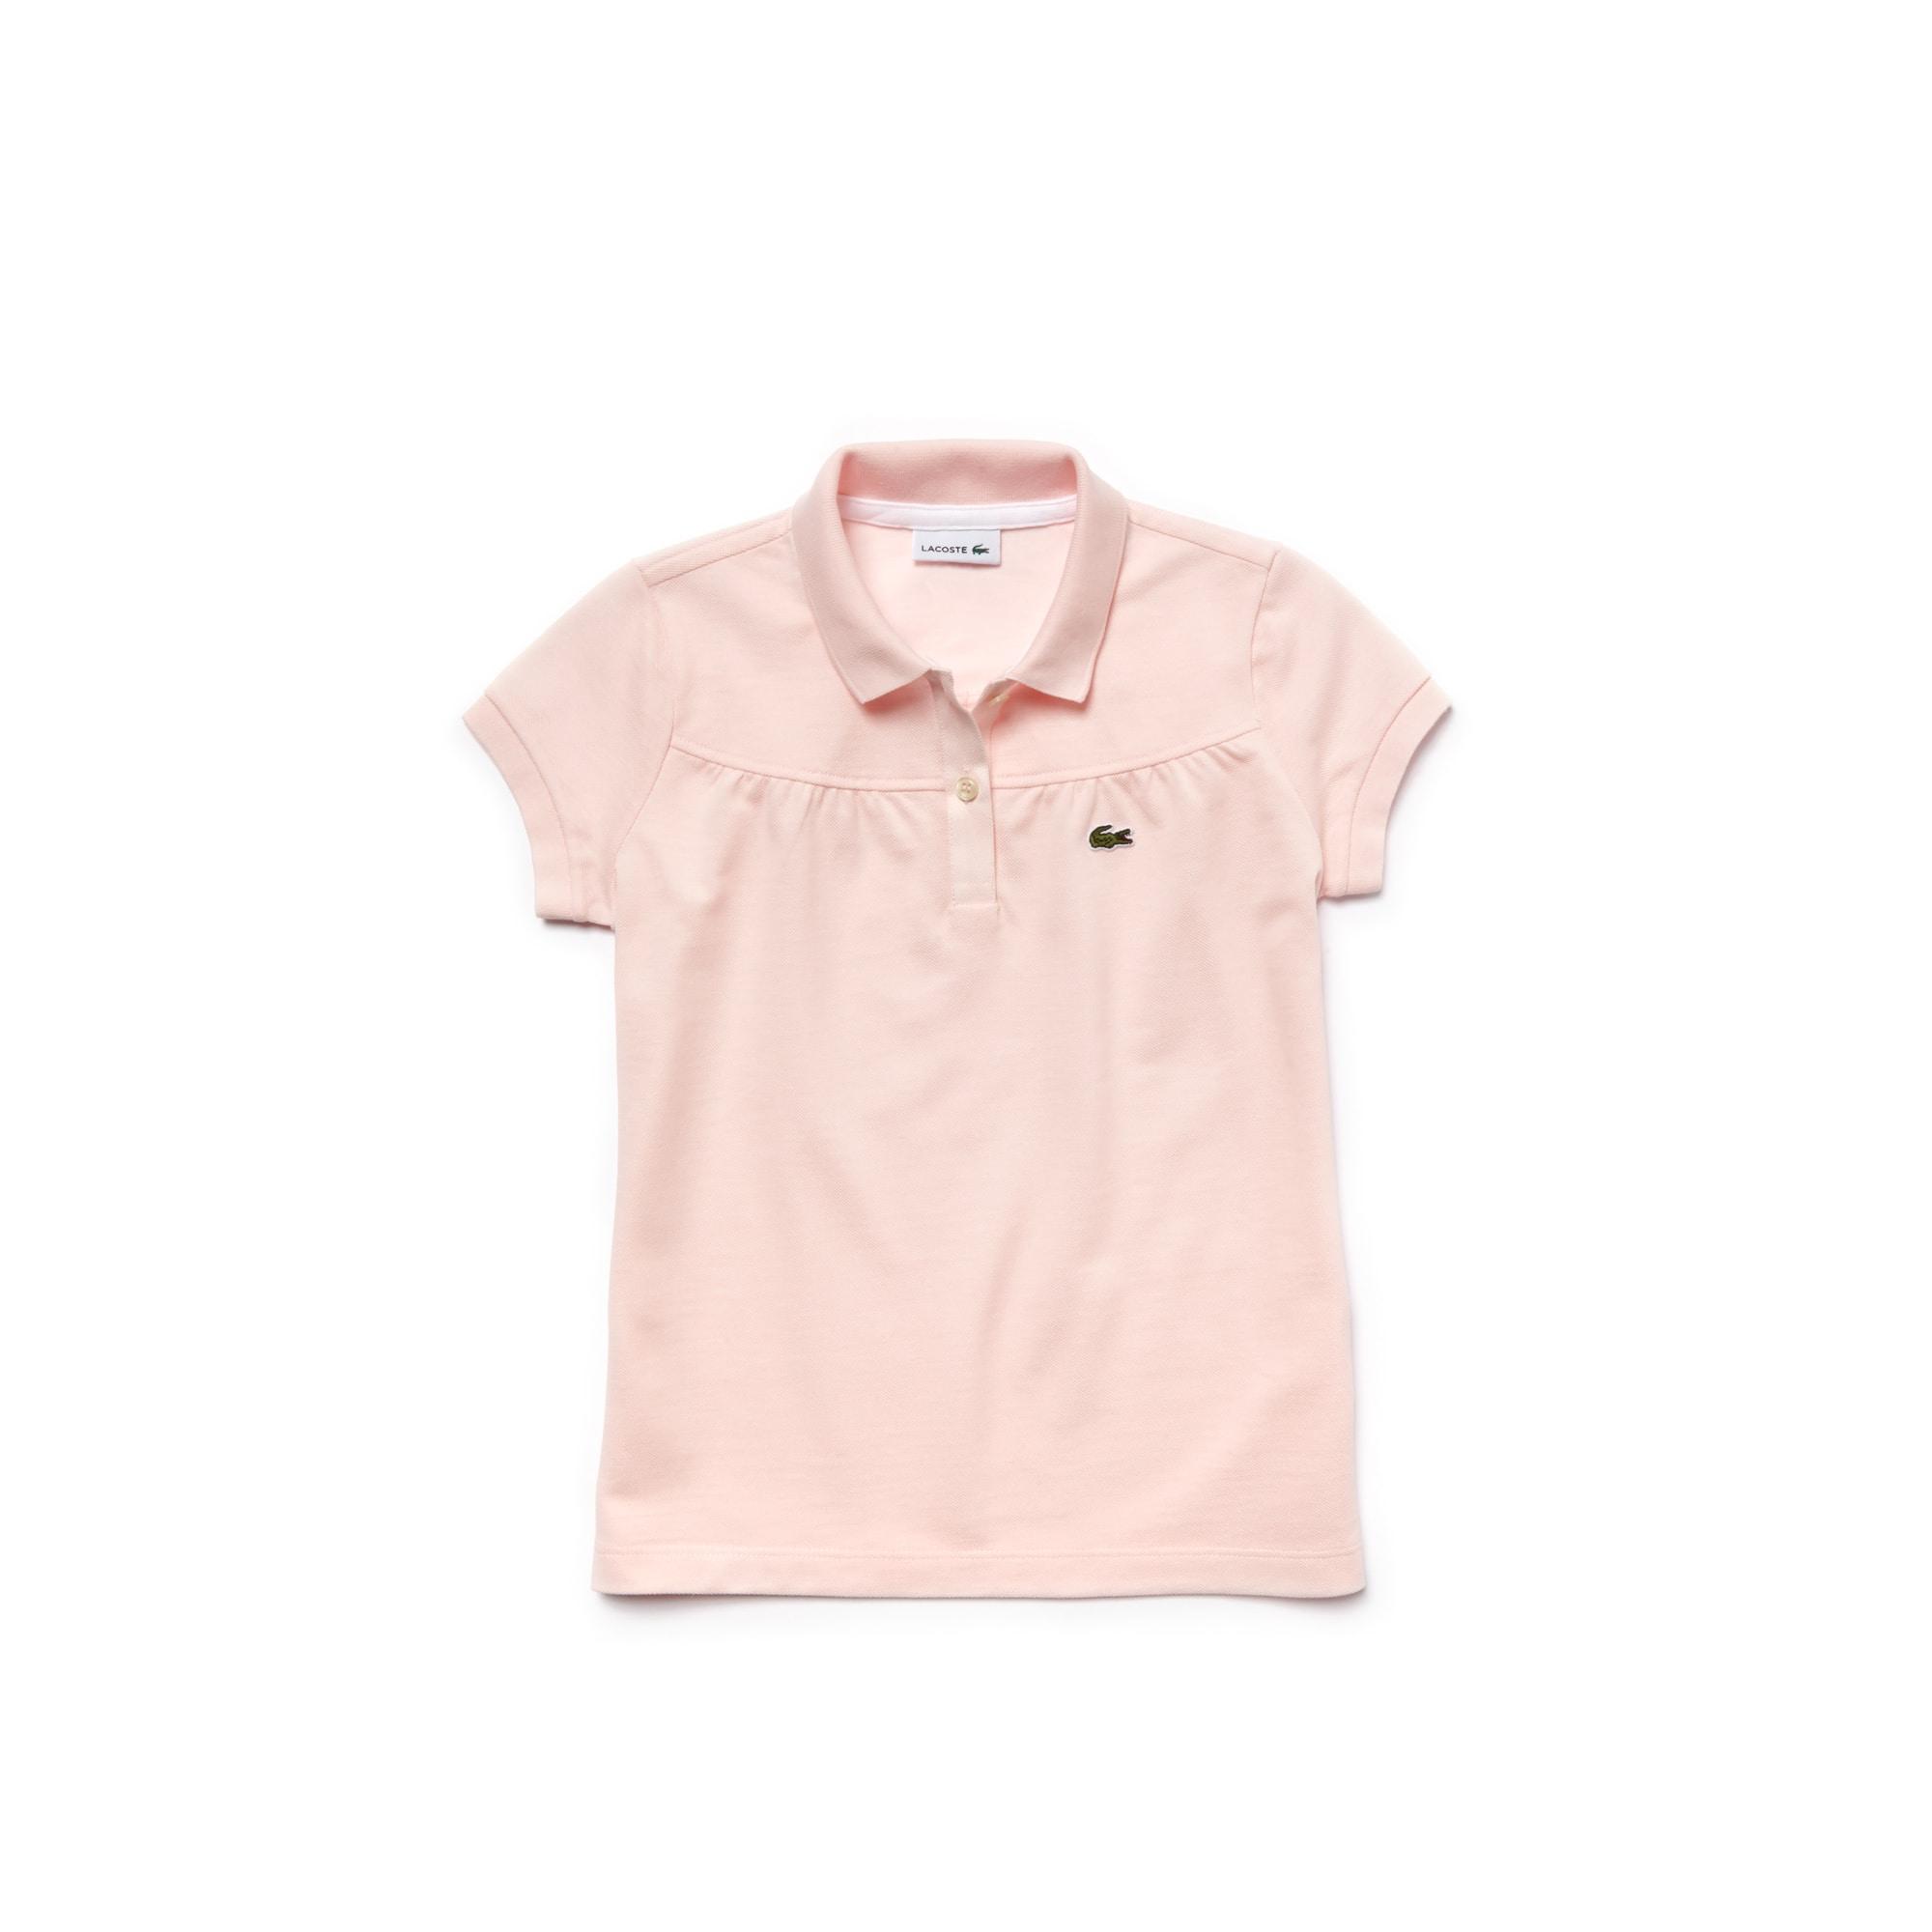 قميص بولو Lacoste مزدان بالطيات ومُحاك بأسلوب ميني بيكيه للأطفال